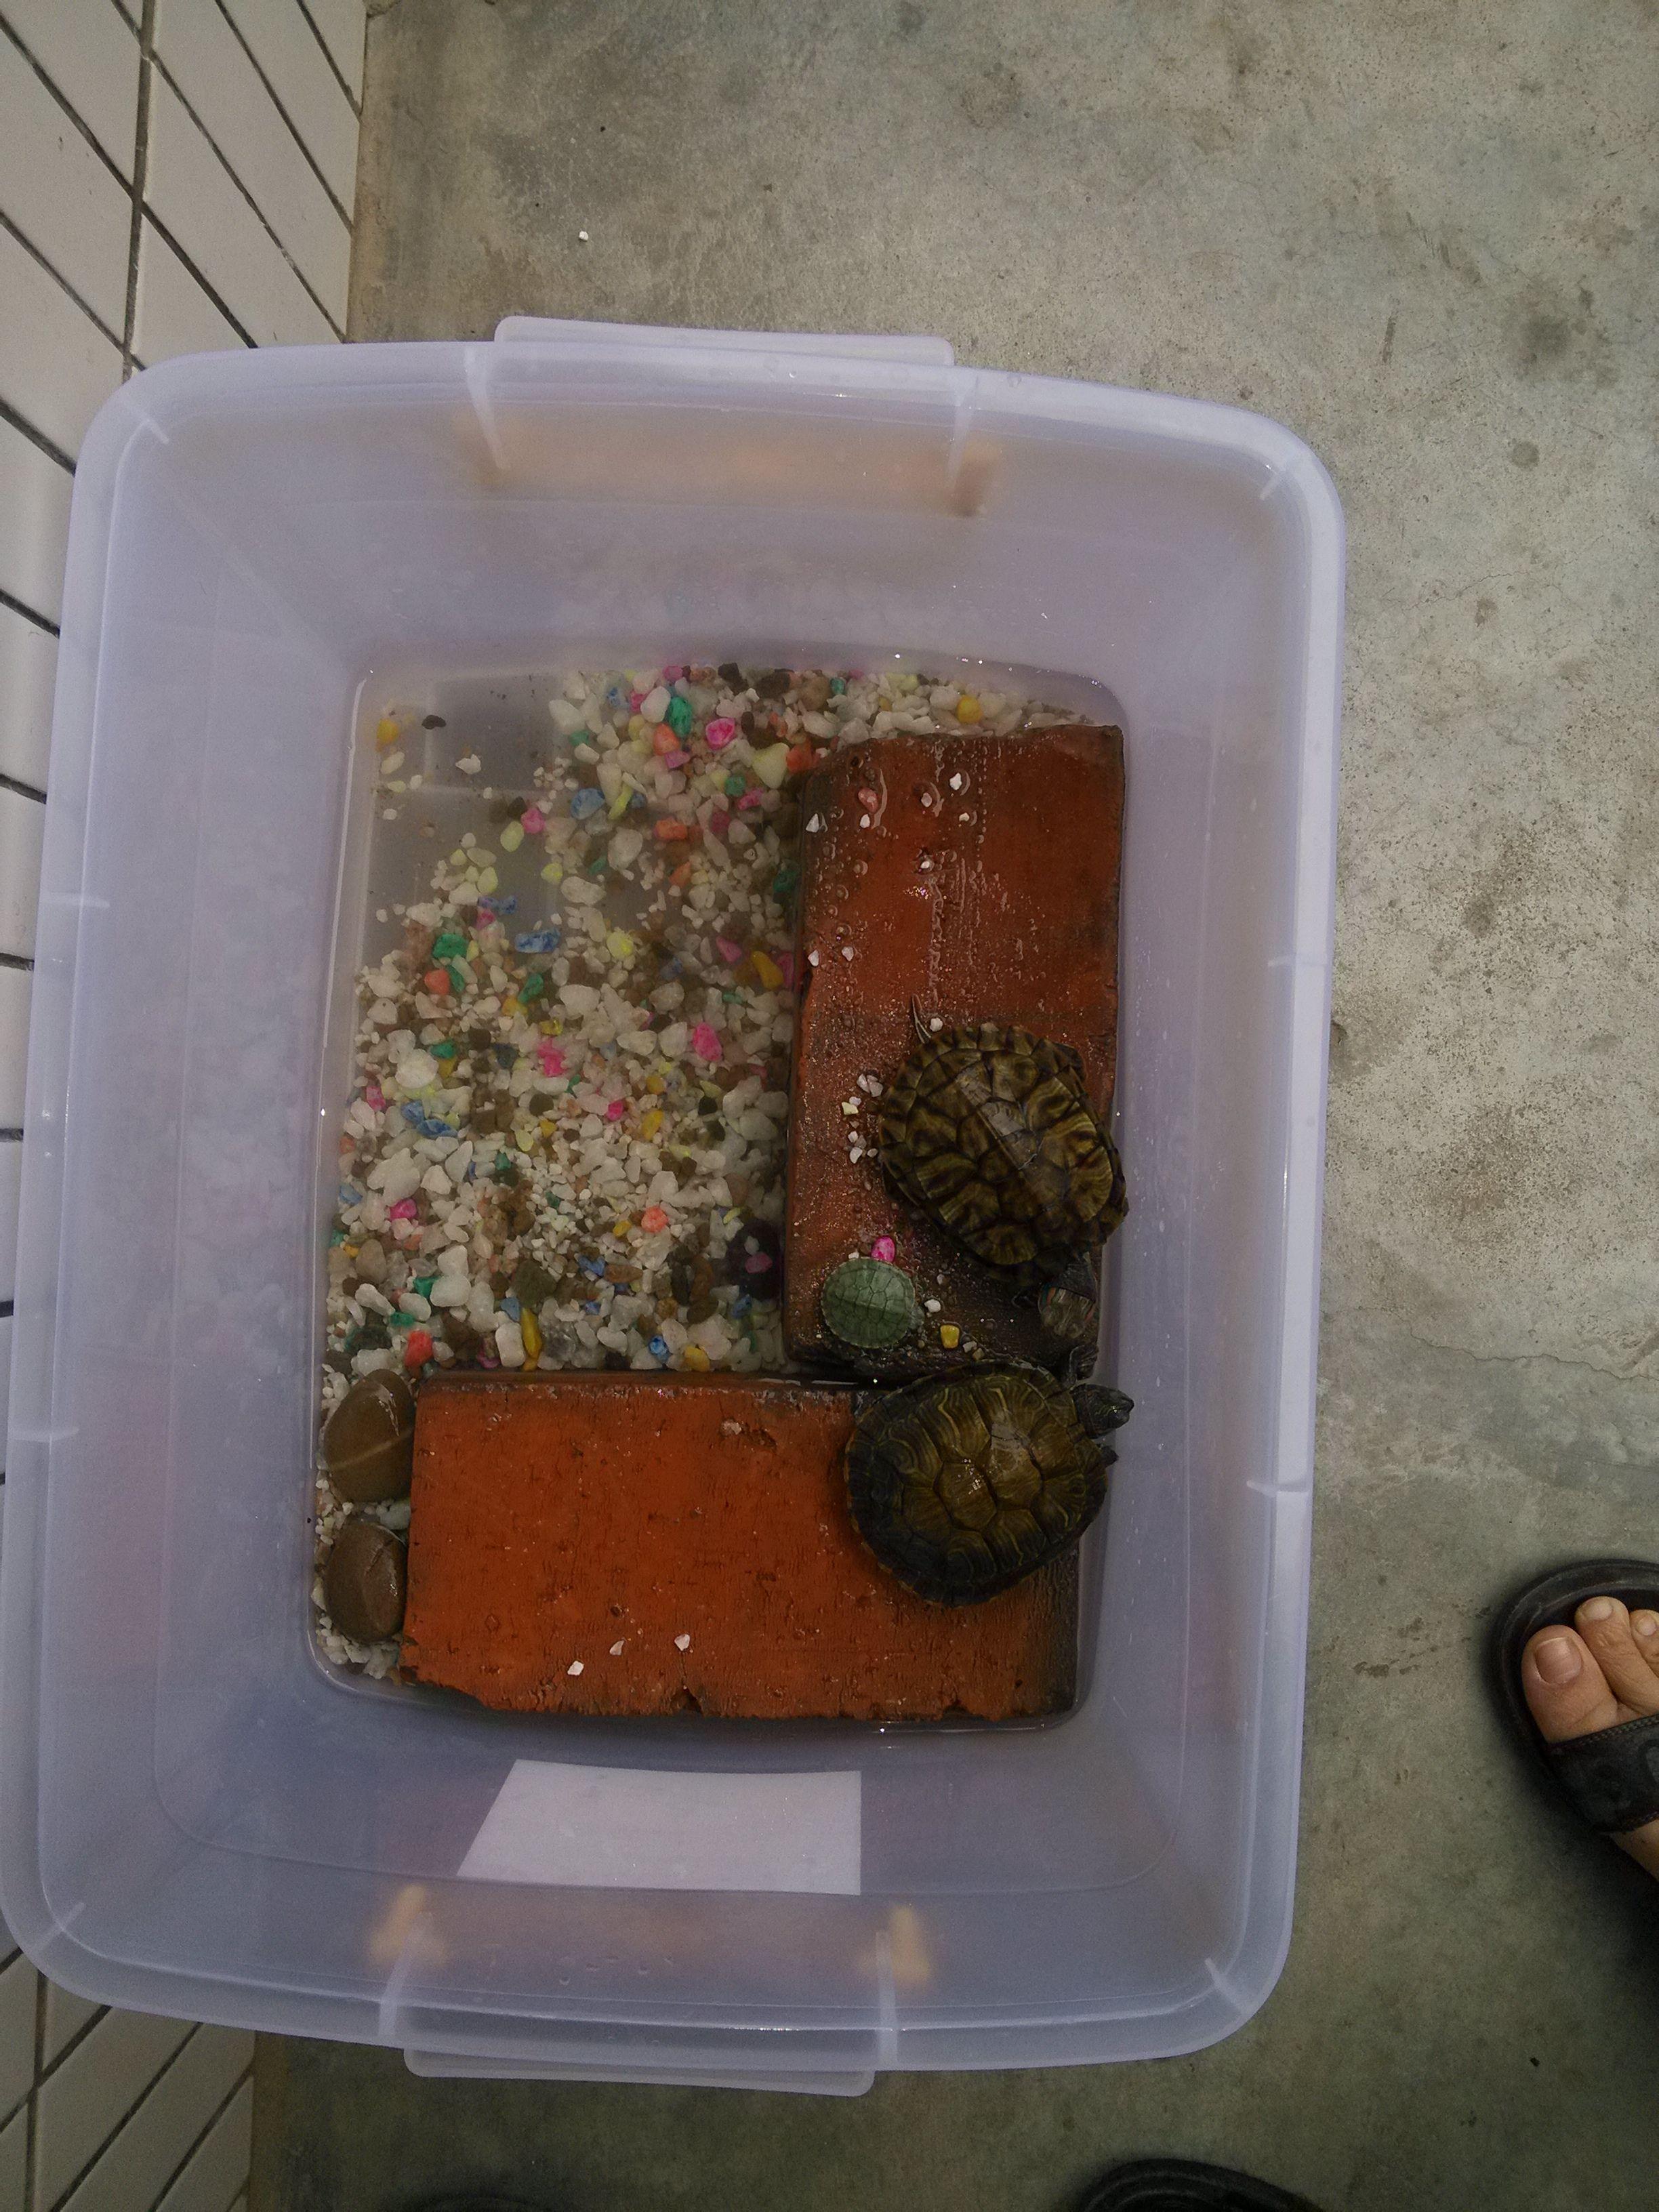 乌龟怎么养 乌龟冬眠怎么养 小乌龟怎么养